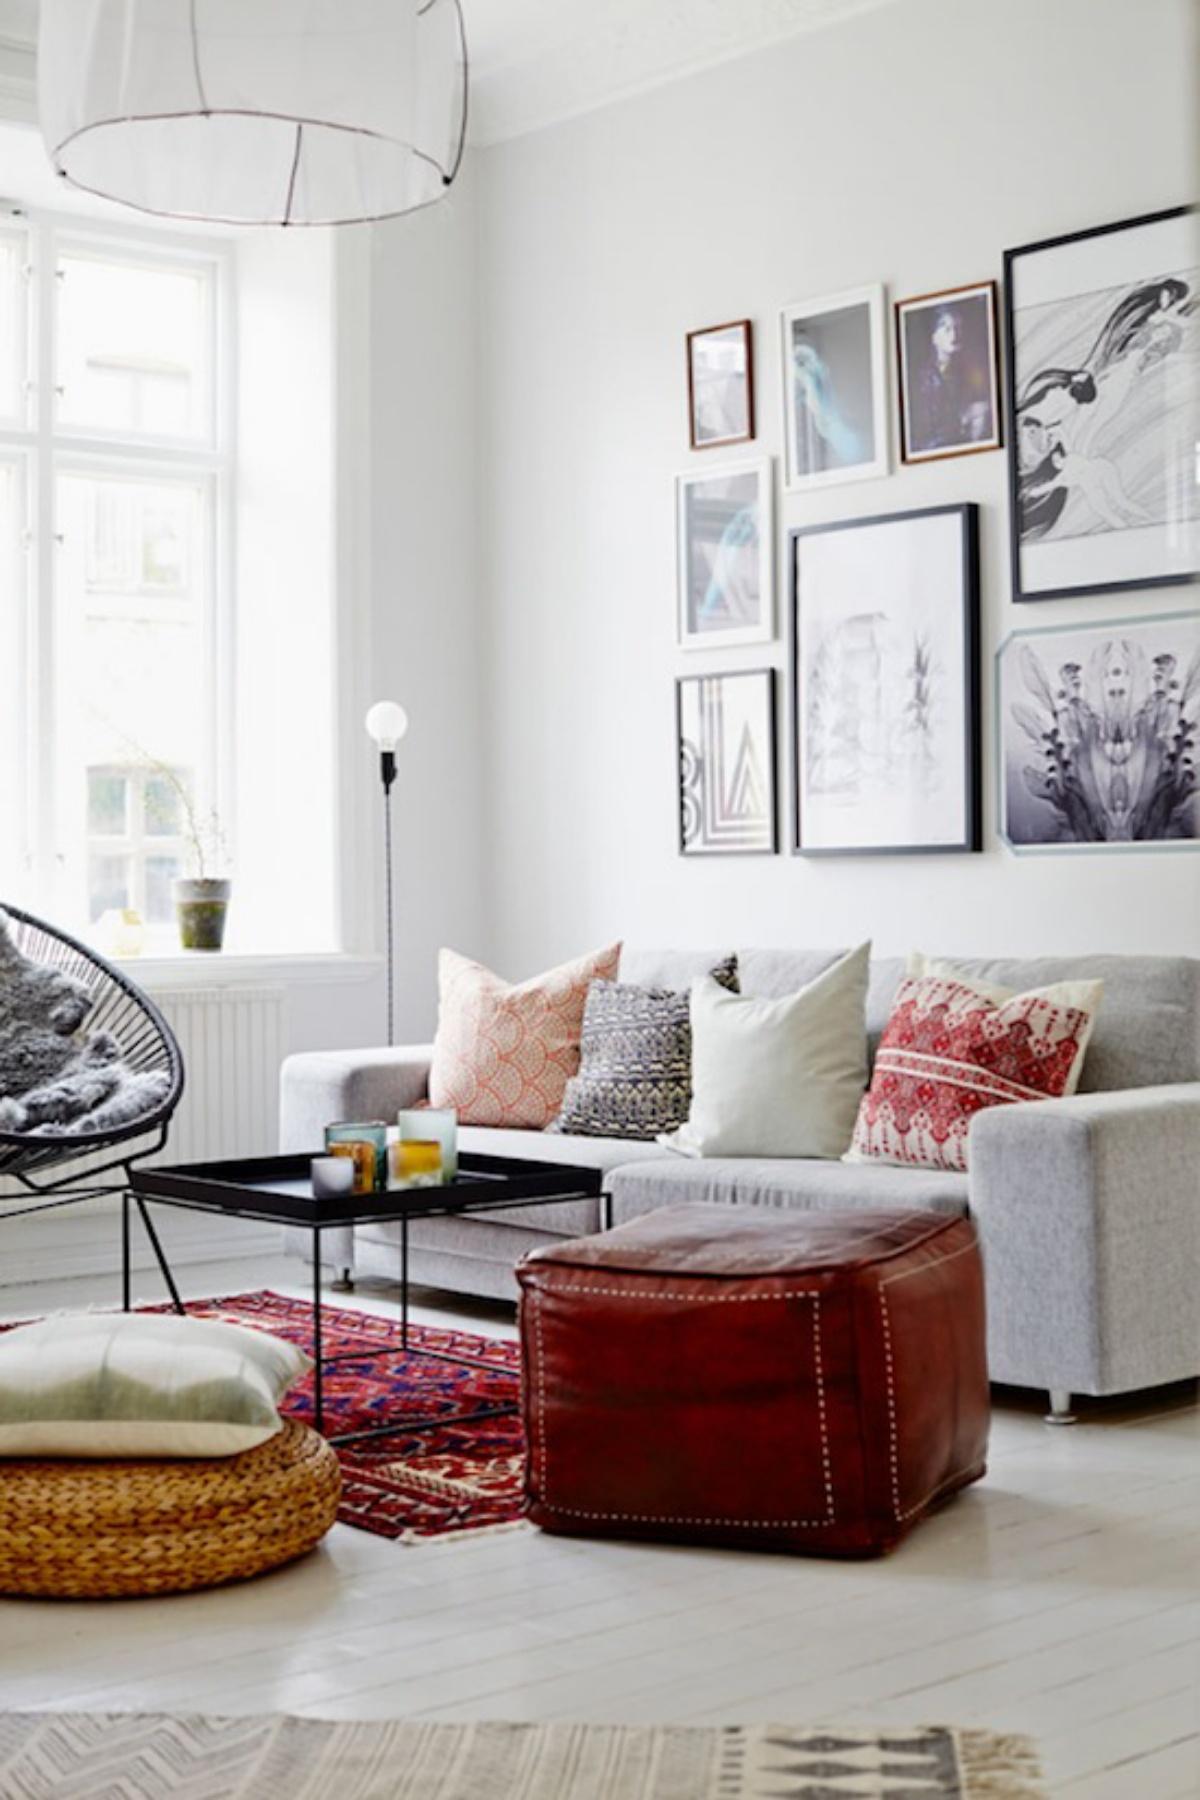 Sofá en salón moderno